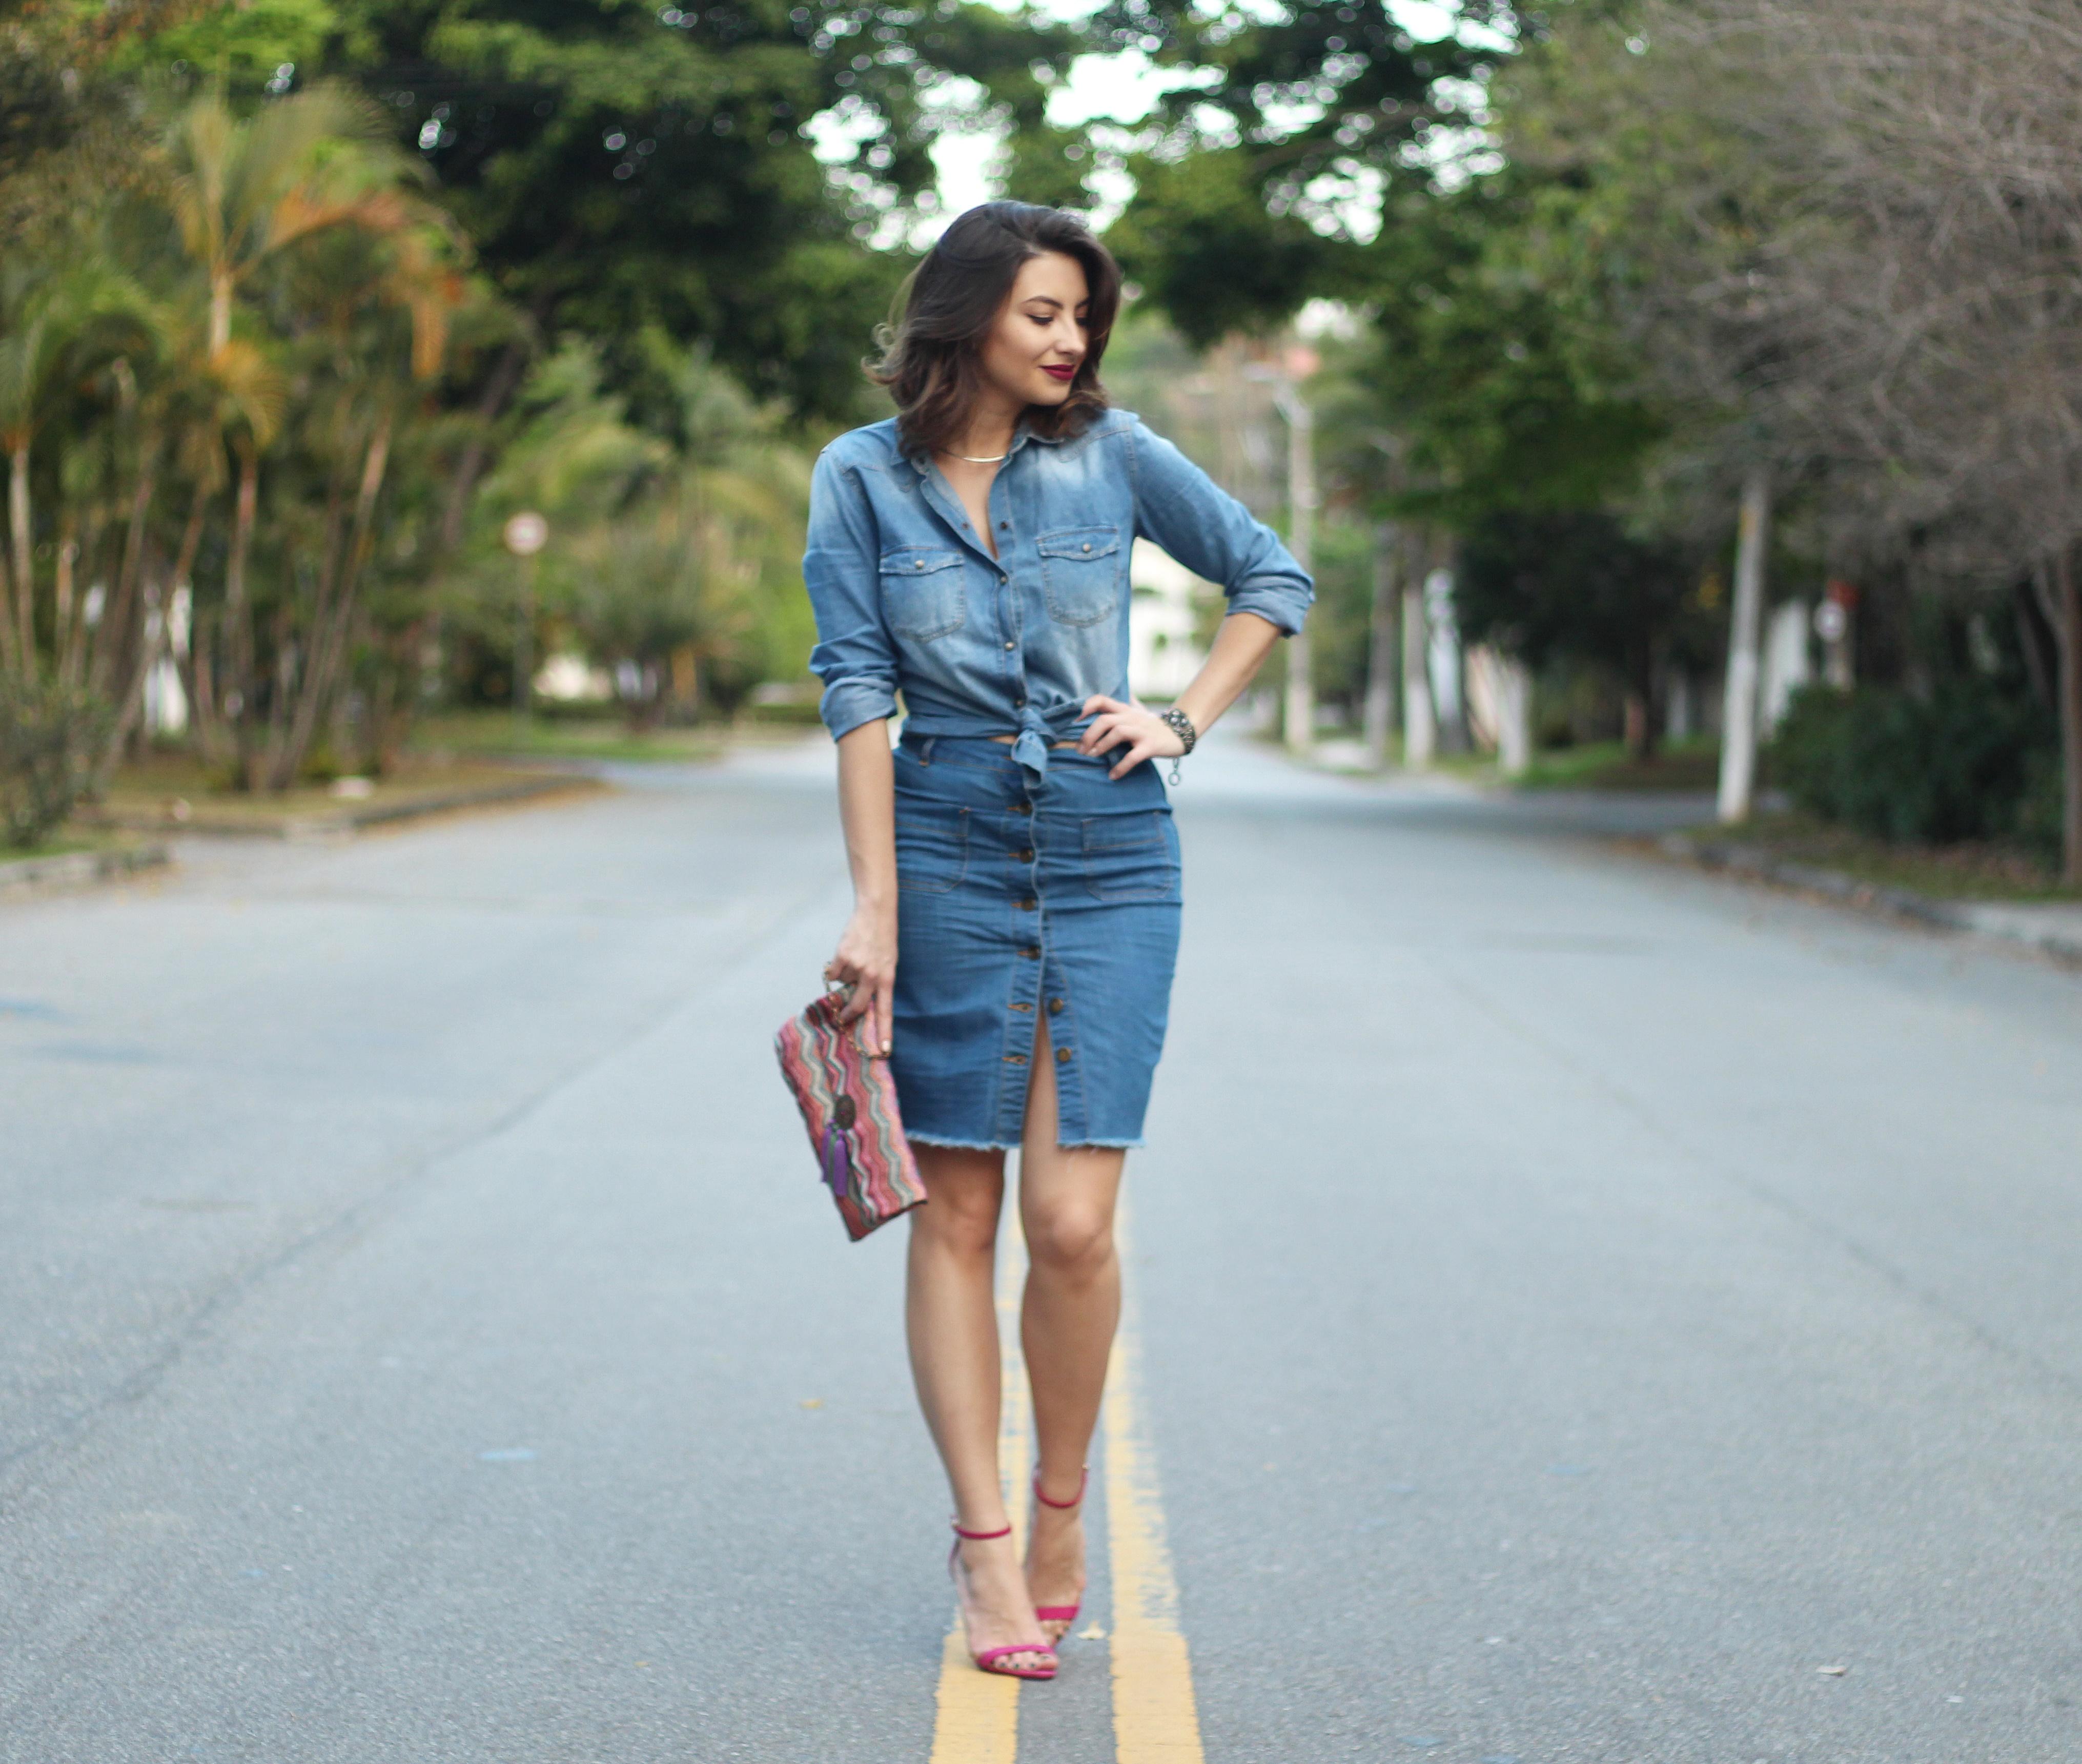 post-como-nos-usamos-all-jeans-blog-vanduarte-1